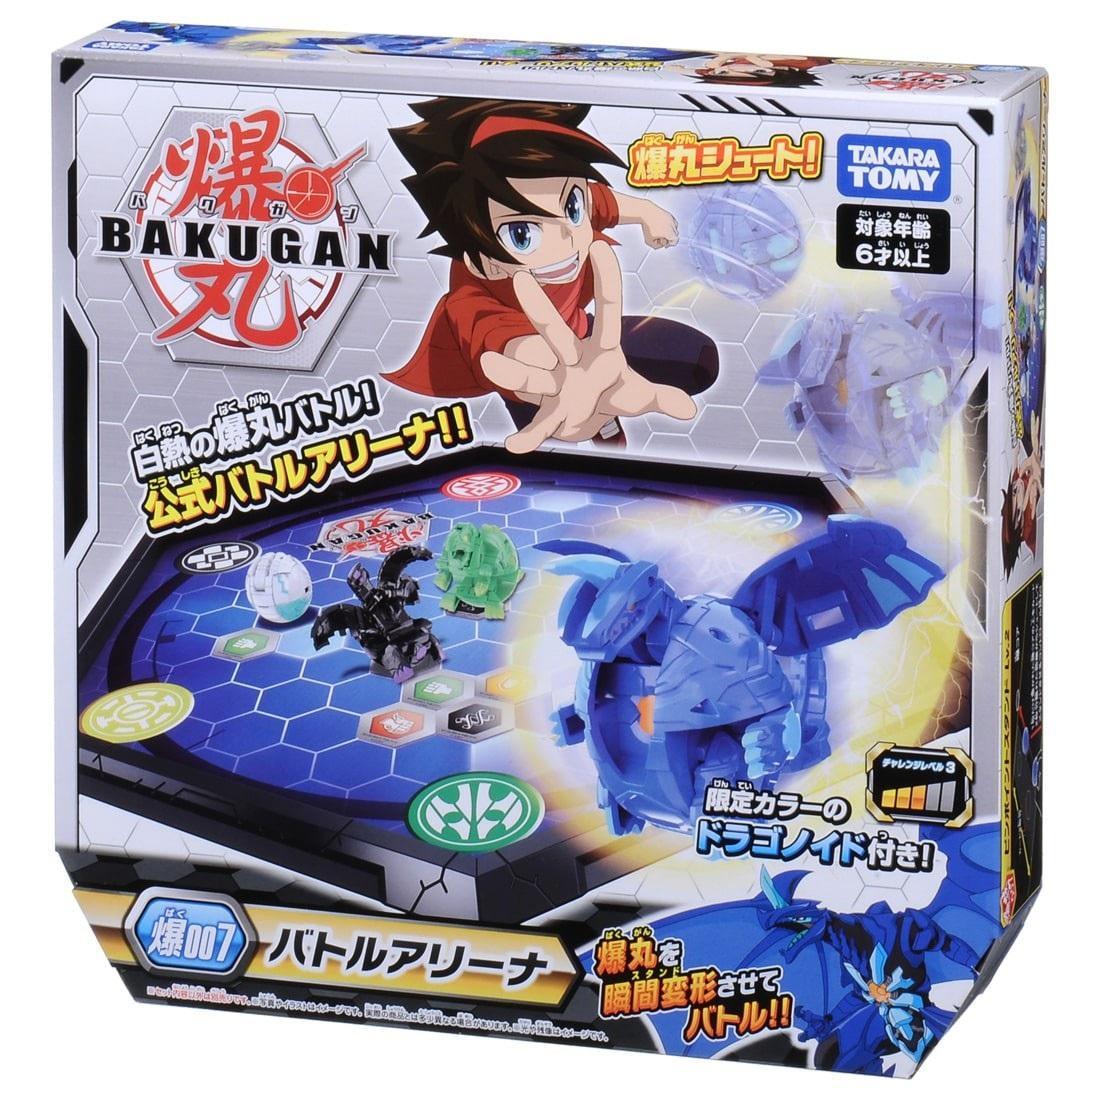 Quyết Đấu Bakugan - Bộ Bàn Đấu Bakugan Và Chiến Binh Rồng Xanh Dragonoid Blue - Baku007